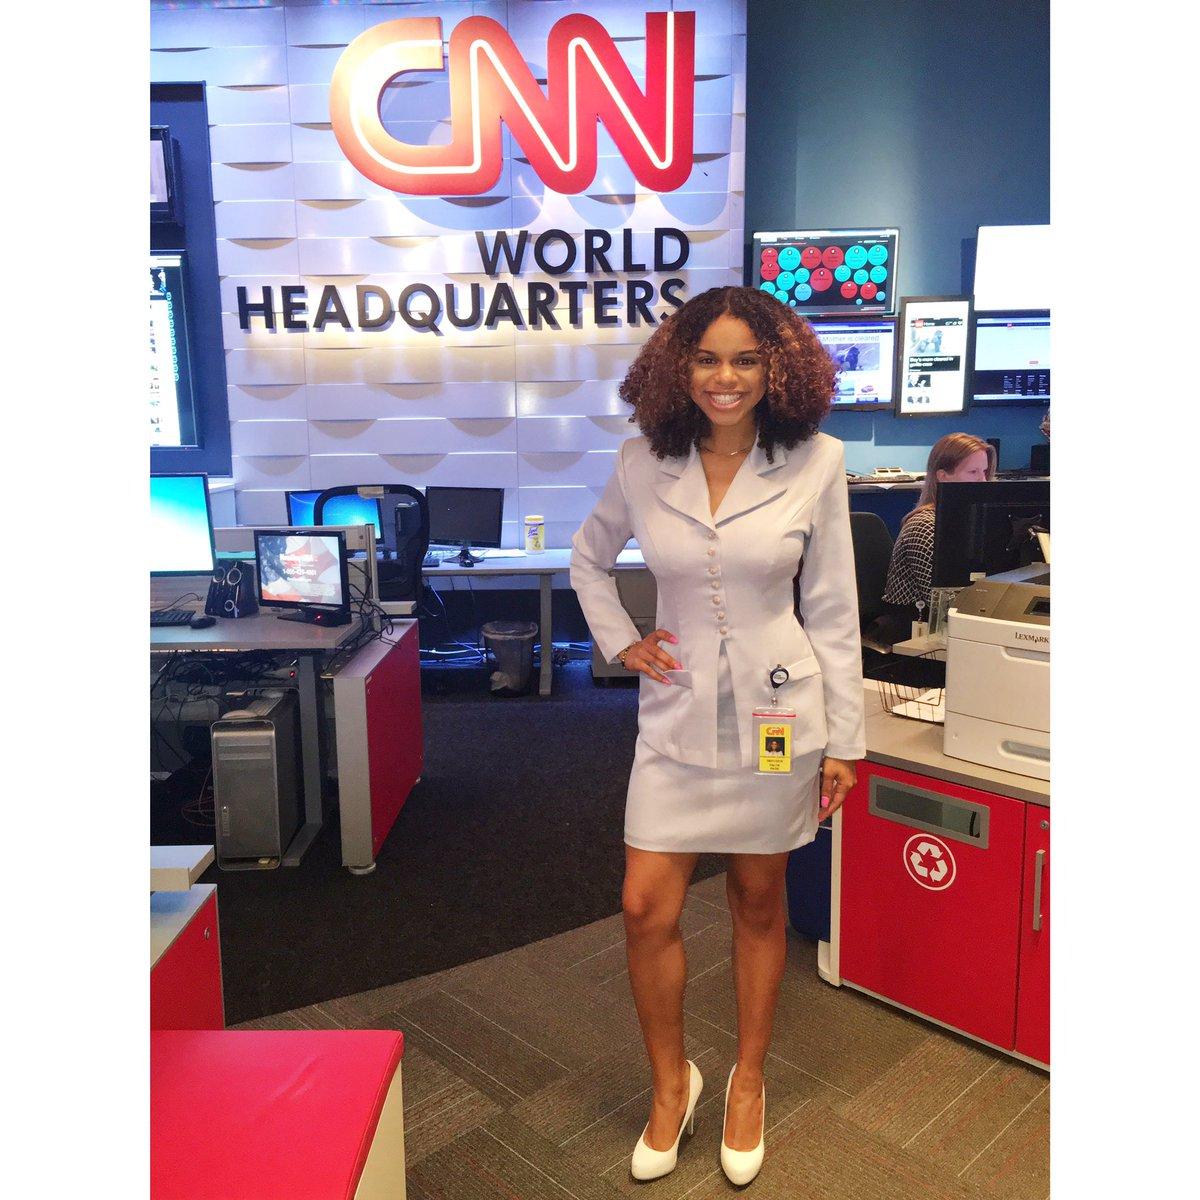 First Day of Internship ✔️✨#CNN https://t.co/lzHODB5vOn